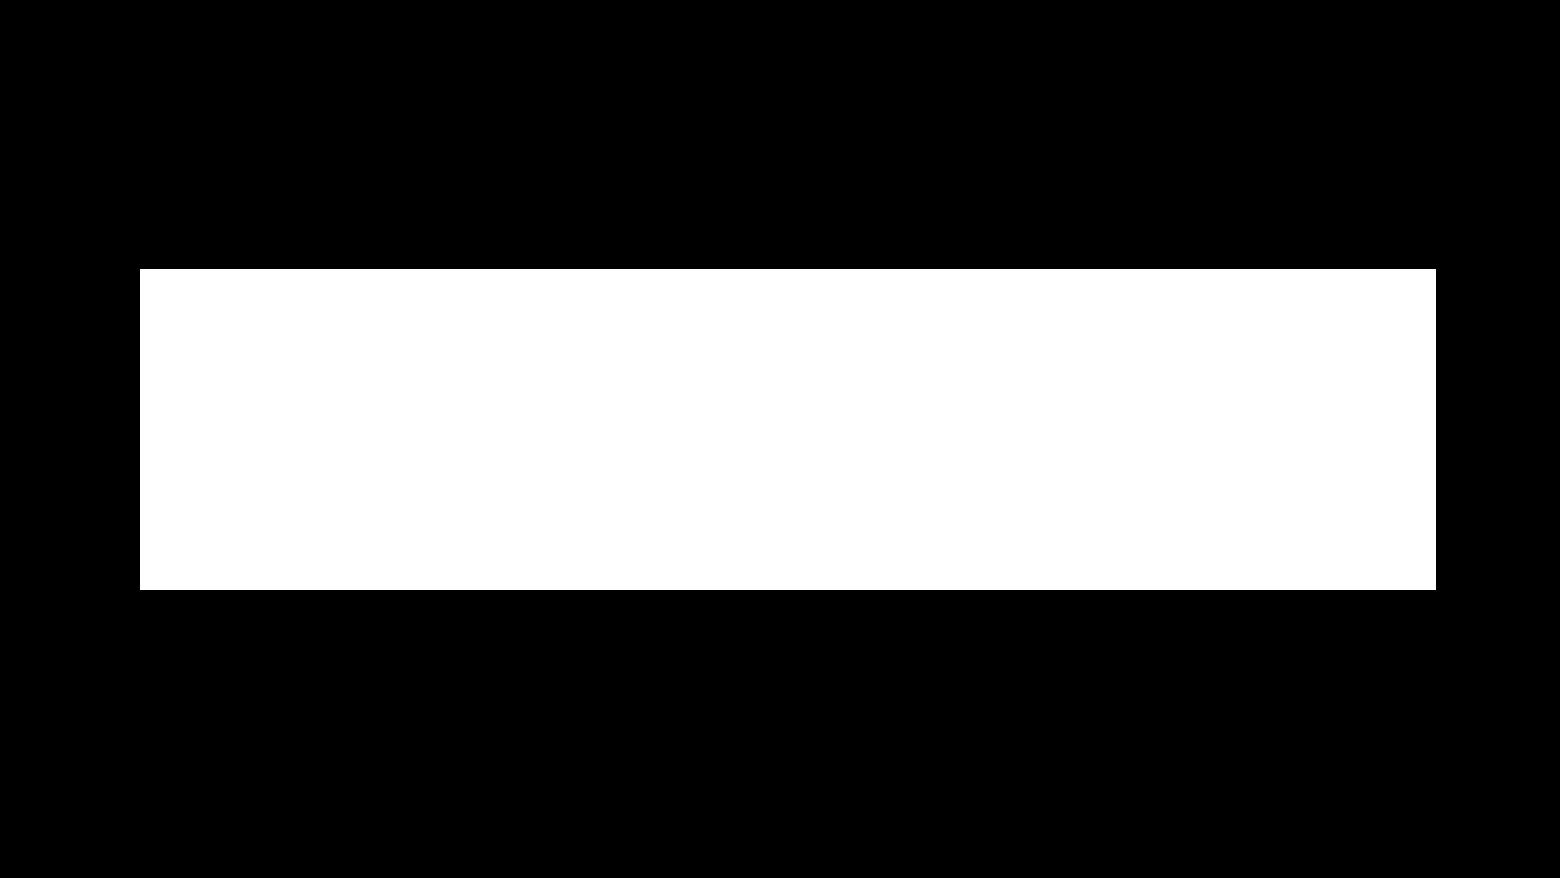 NuRoots-No-Space-Transparent.png